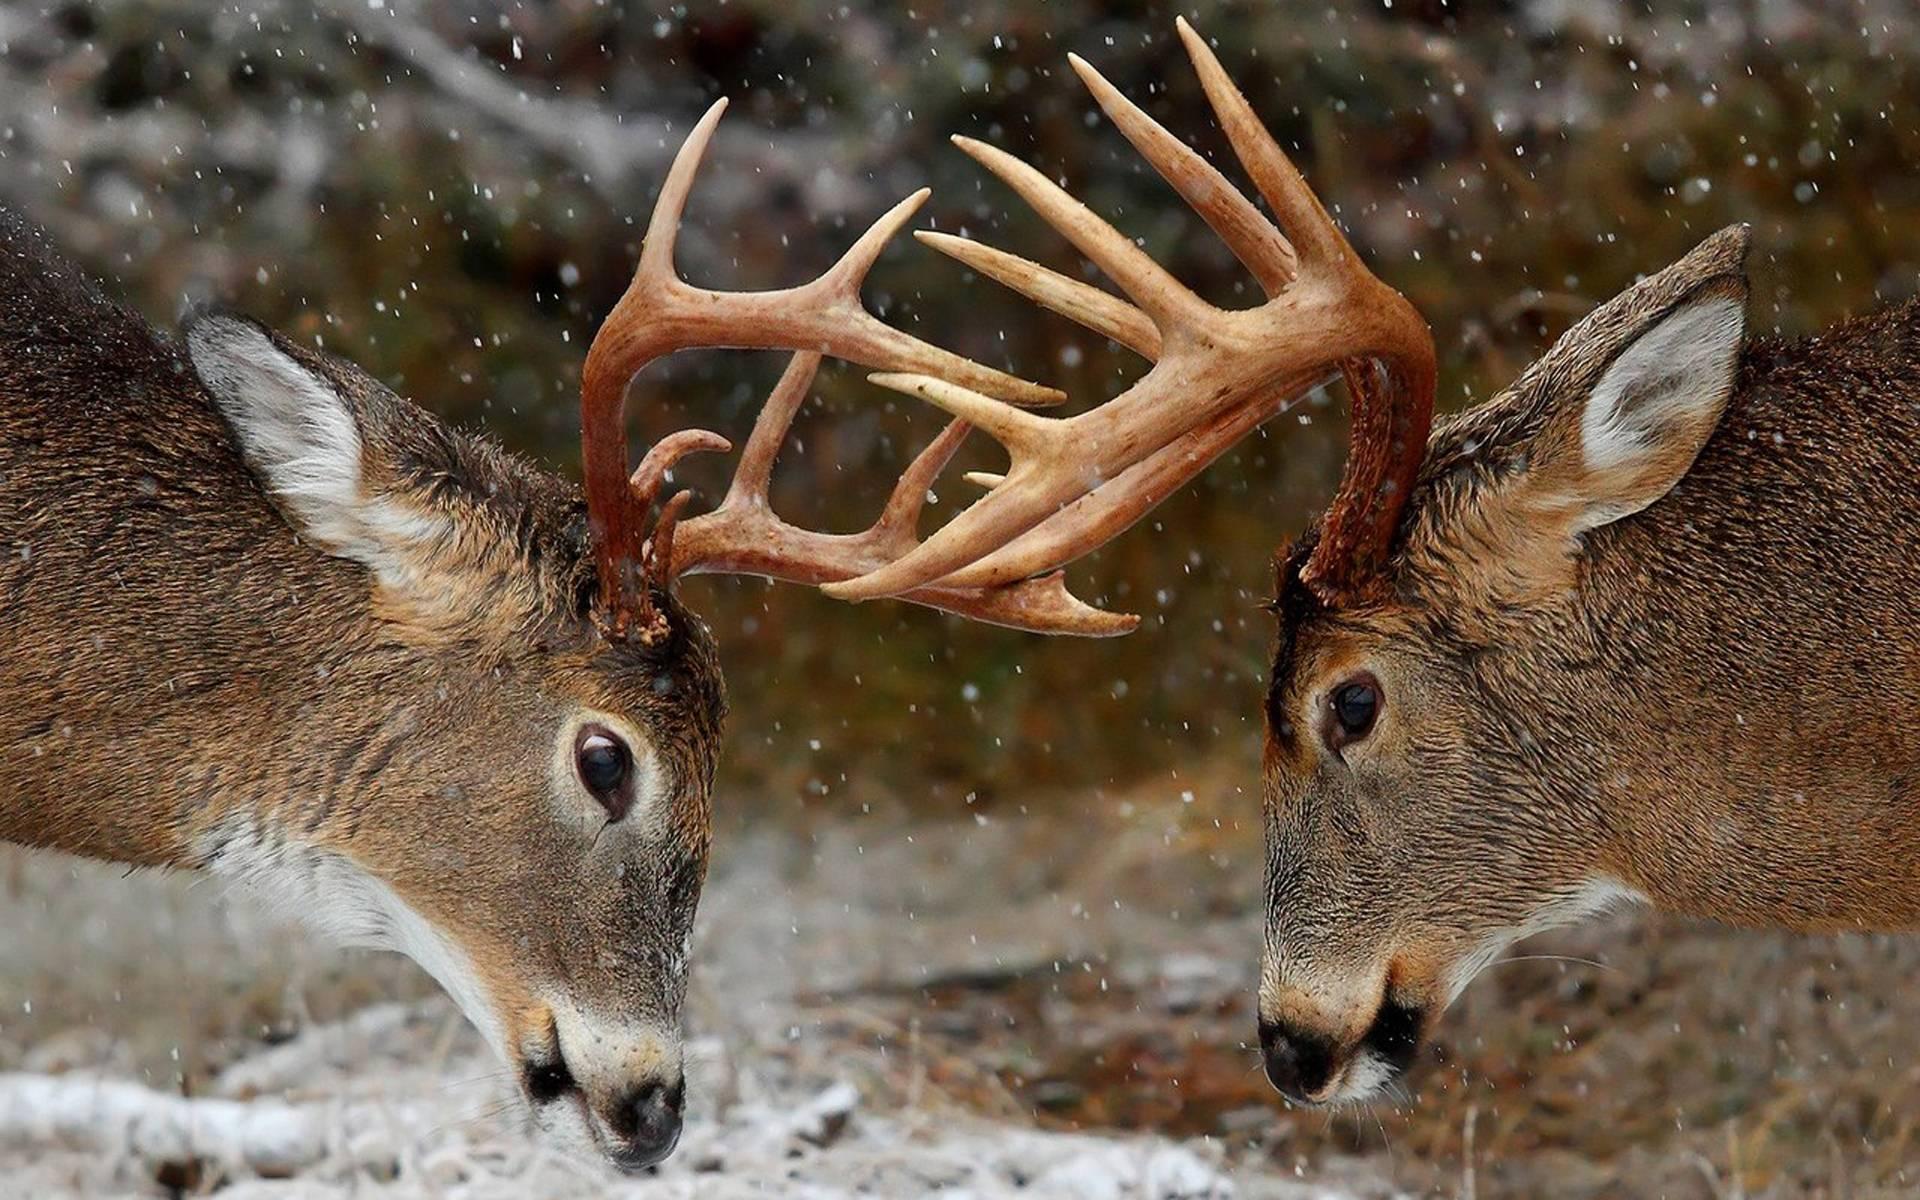 deer wallpaper for my desktop - photo #24